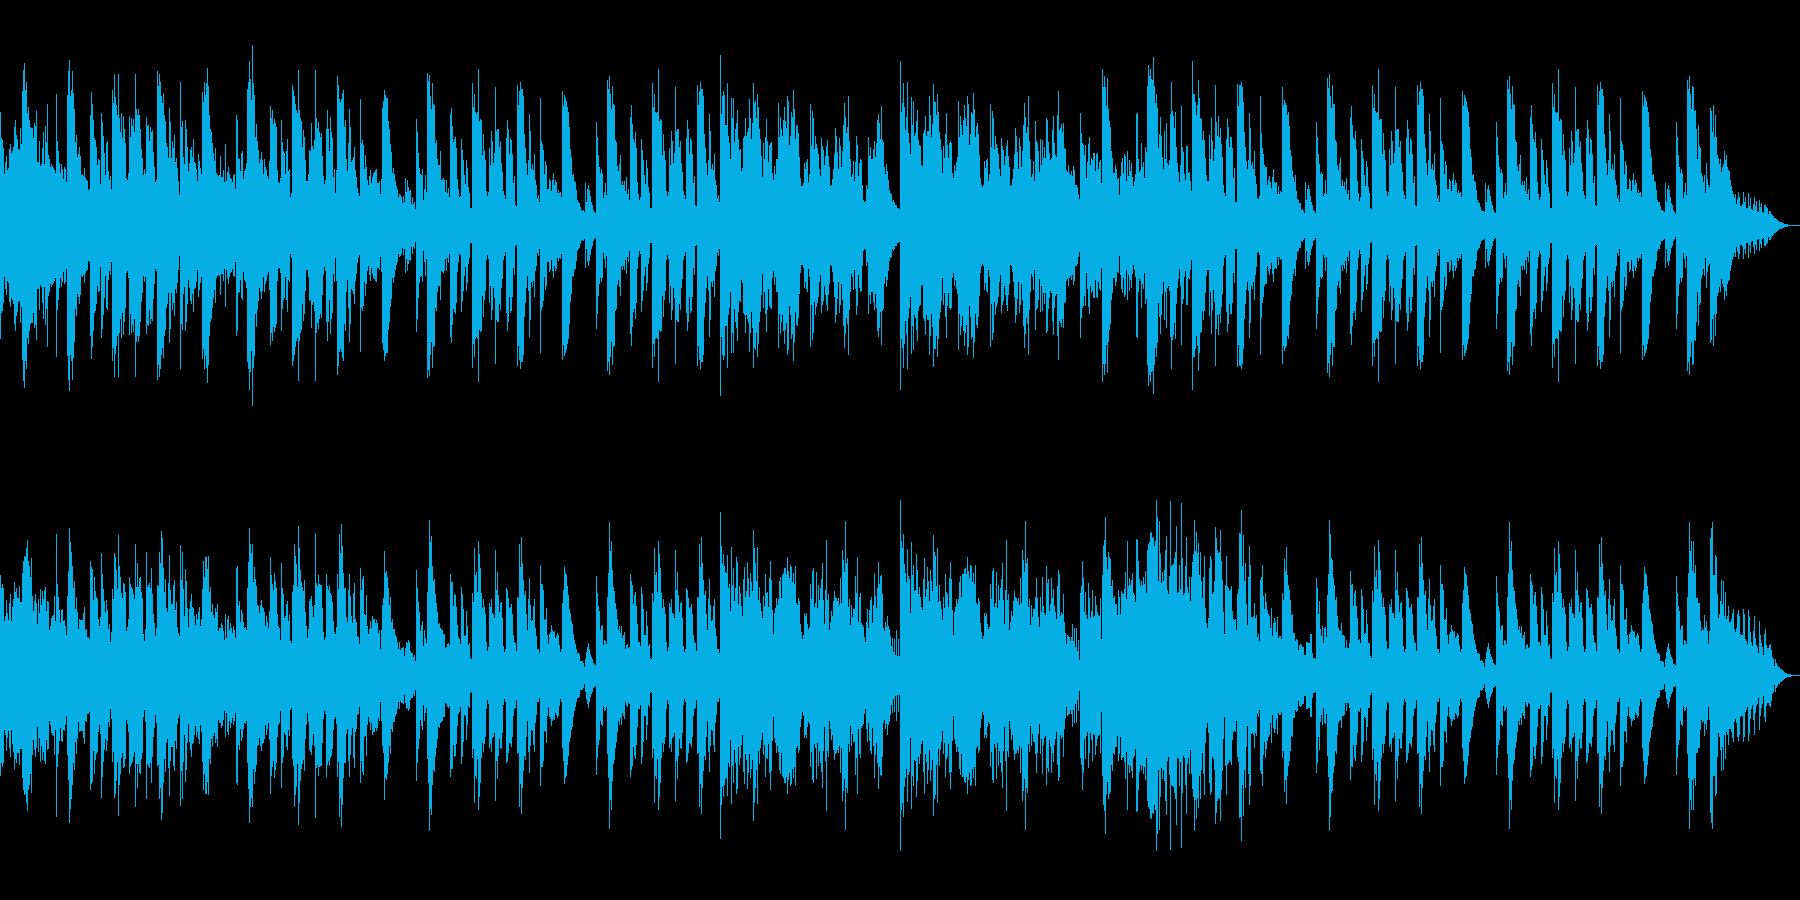 ゲームの戦闘に合いそうなロック曲の再生済みの波形